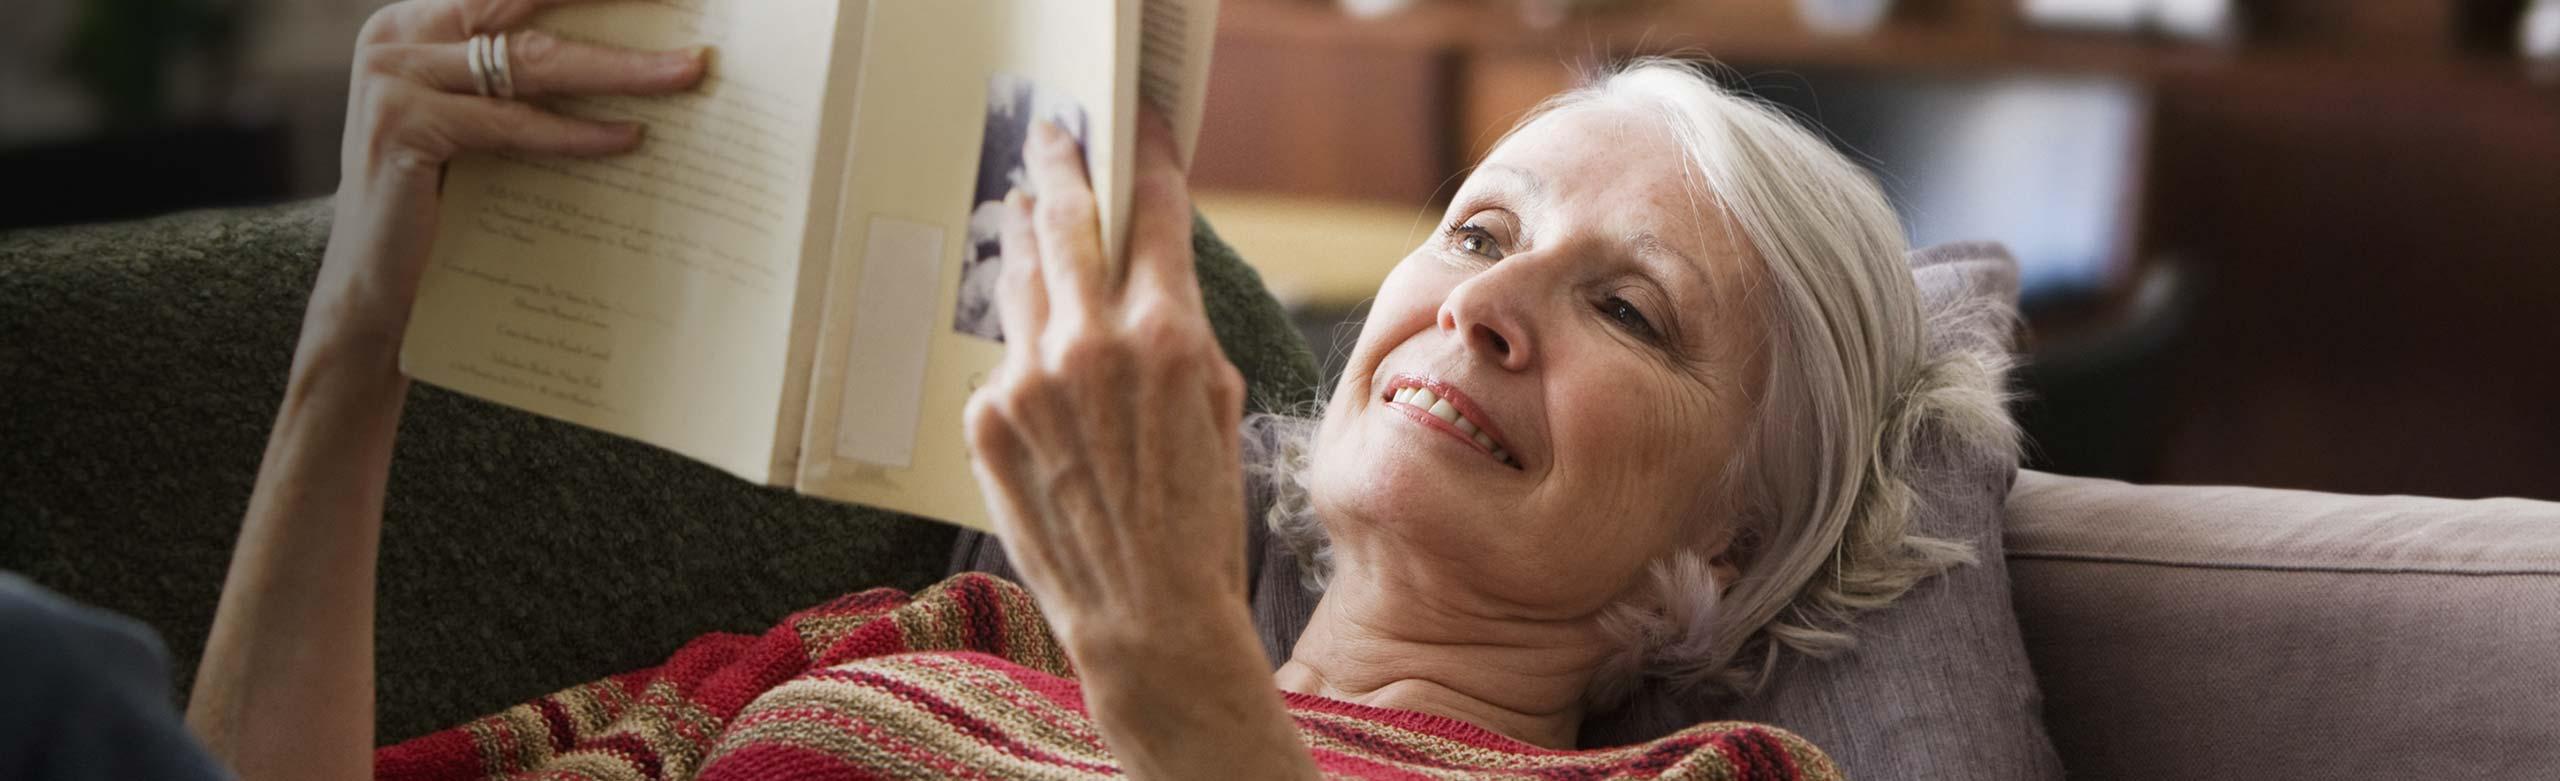 Une femme allongée sur un canapé en train de lire